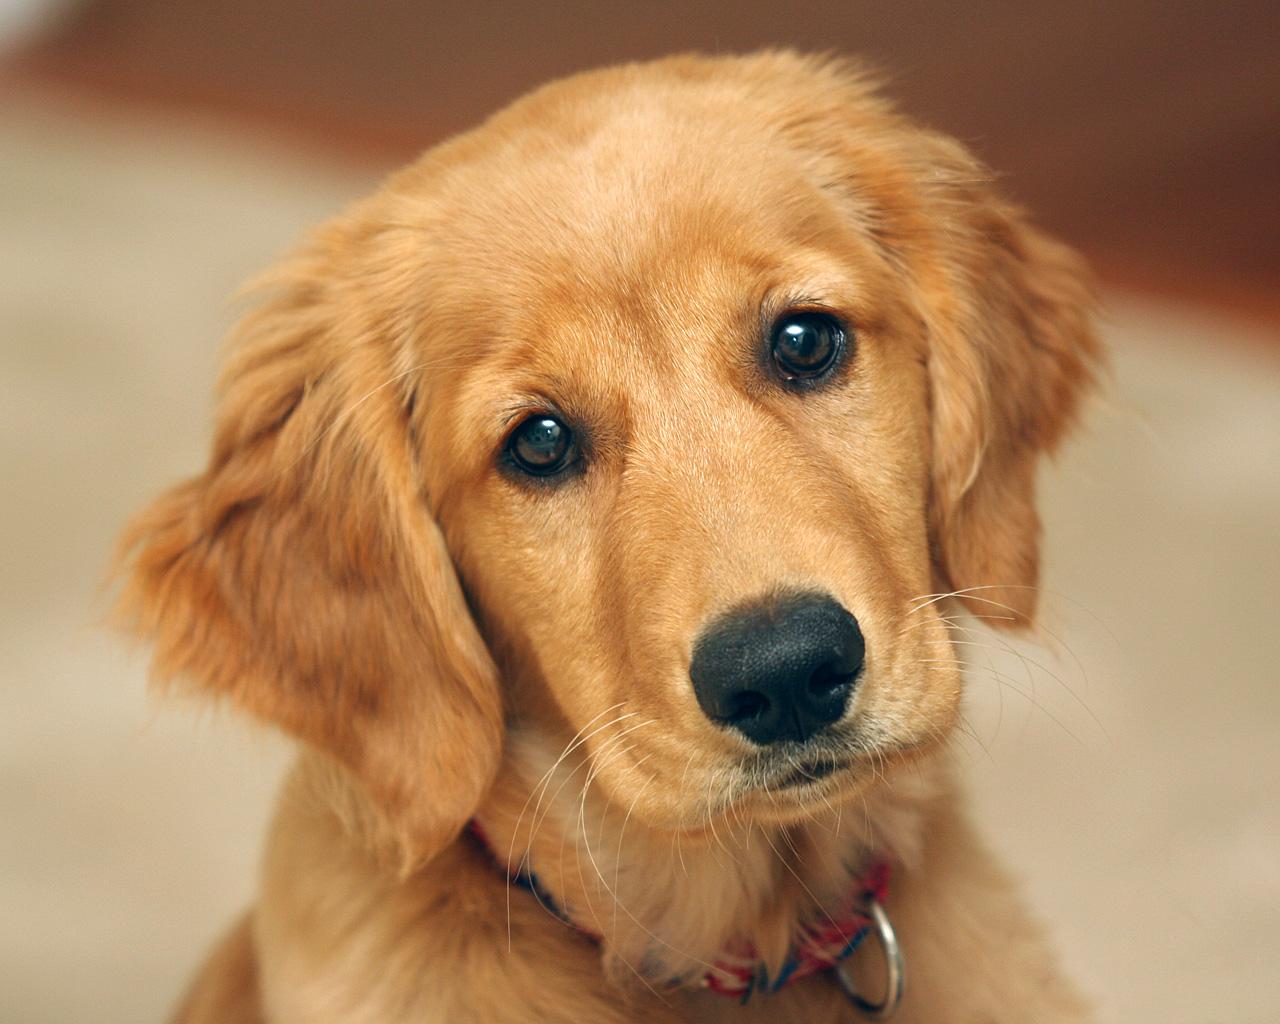 Cute Golden Retriever Puppy wallpaper   ForWallpapercom 1280x1024